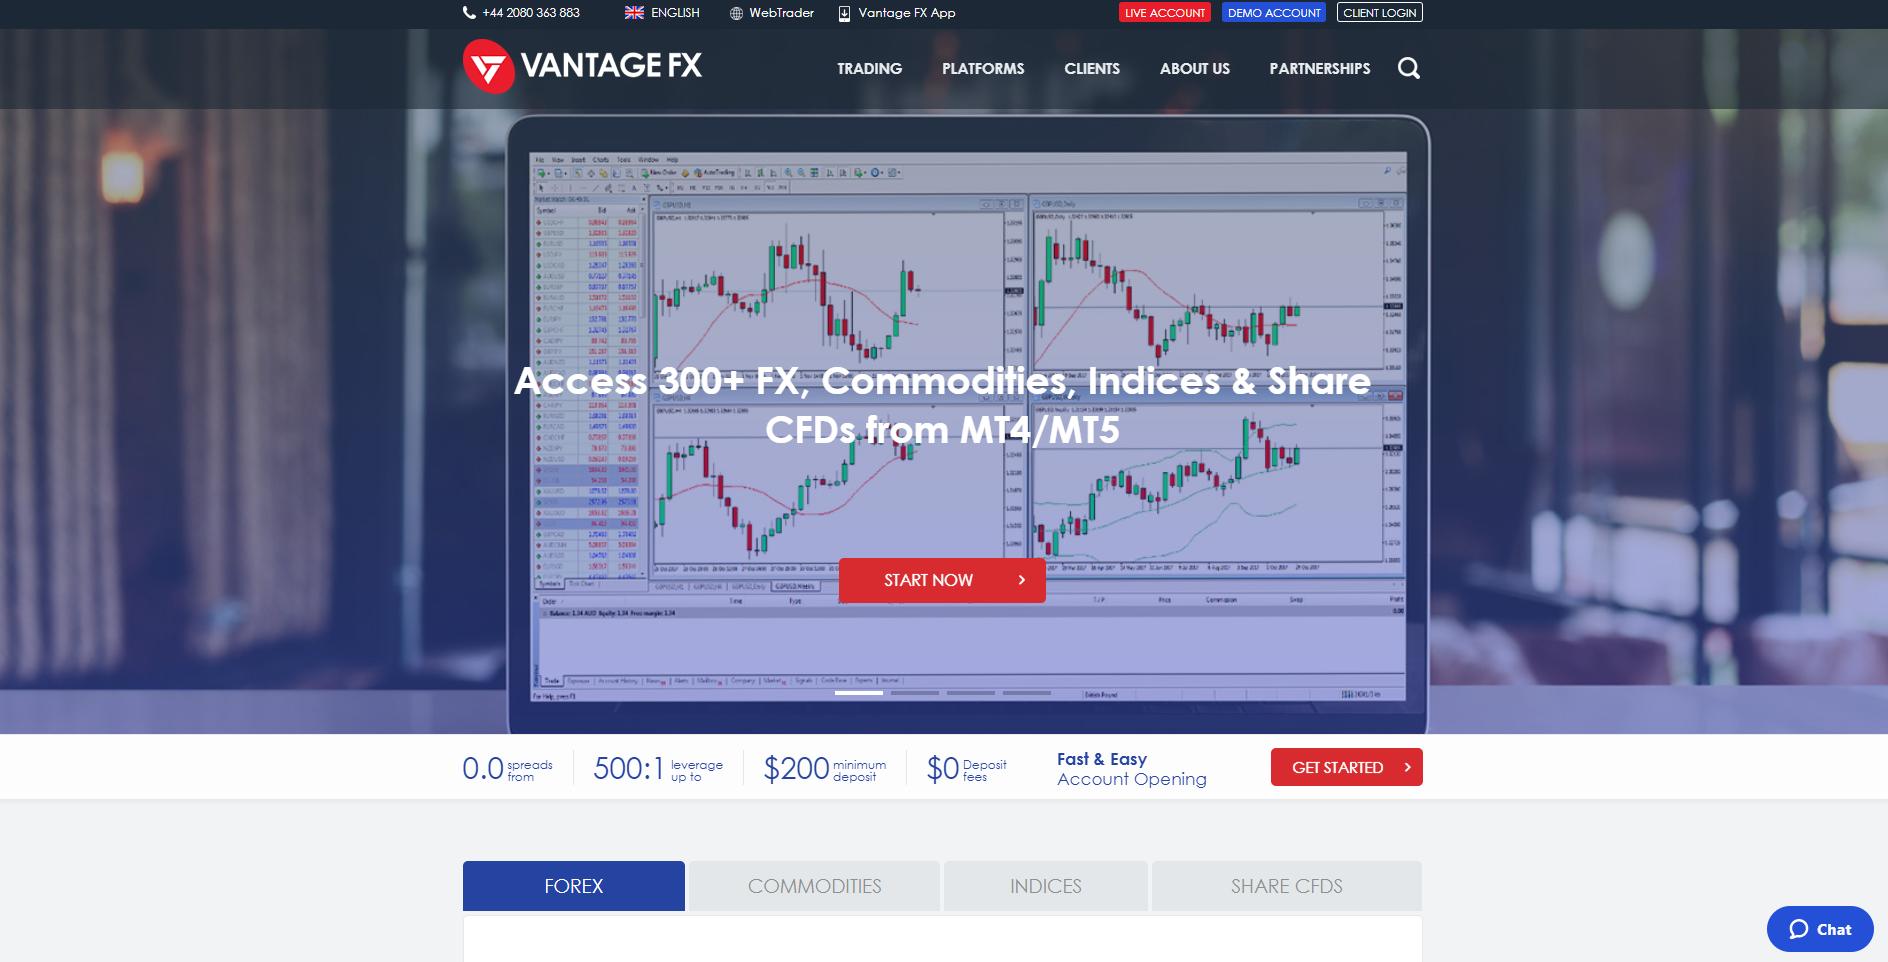 Official website of Vantage FX